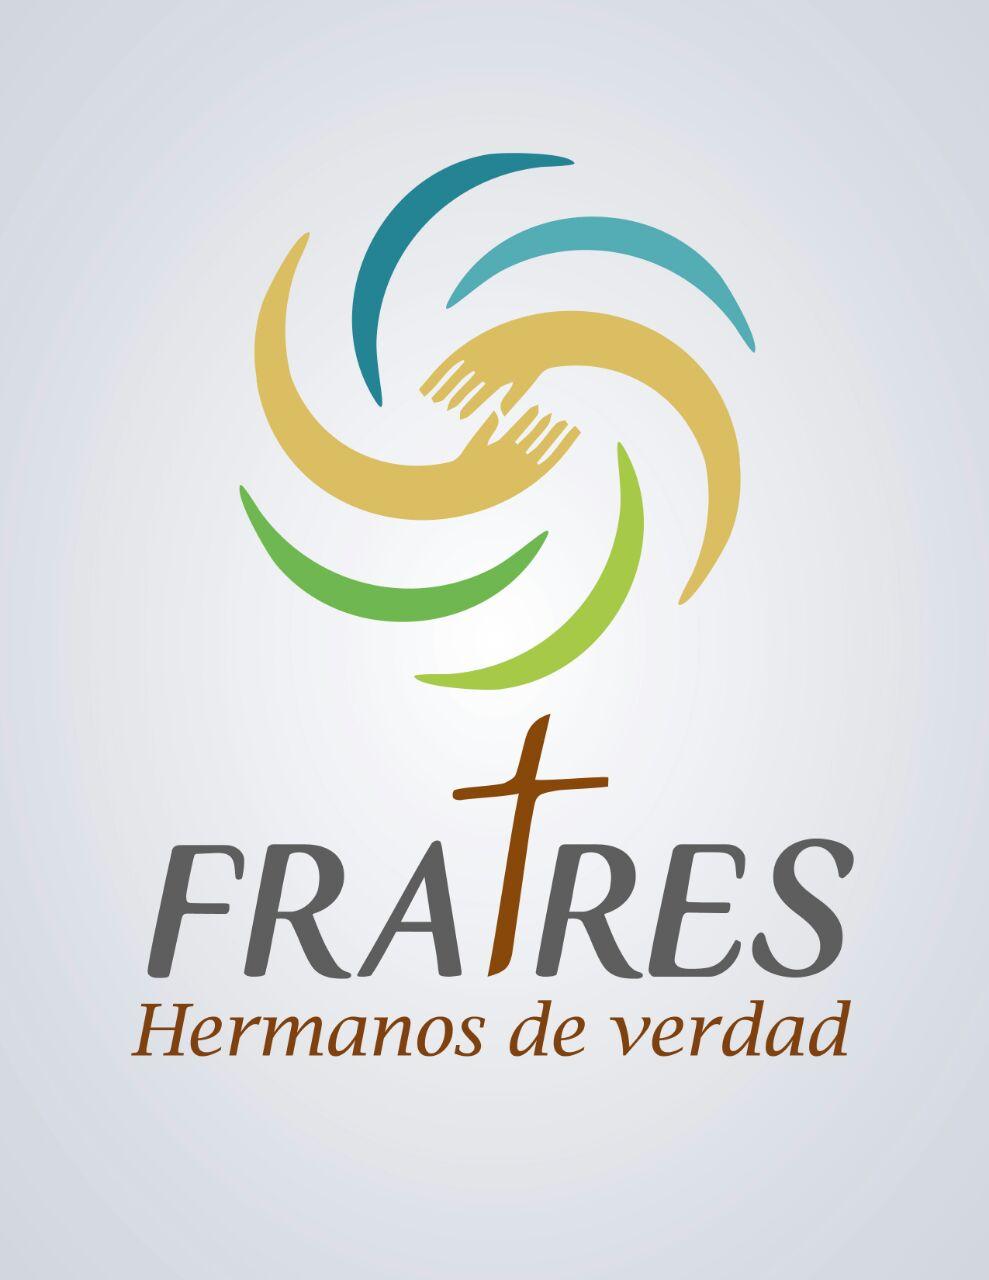 MOVIMIENTO FRATRES